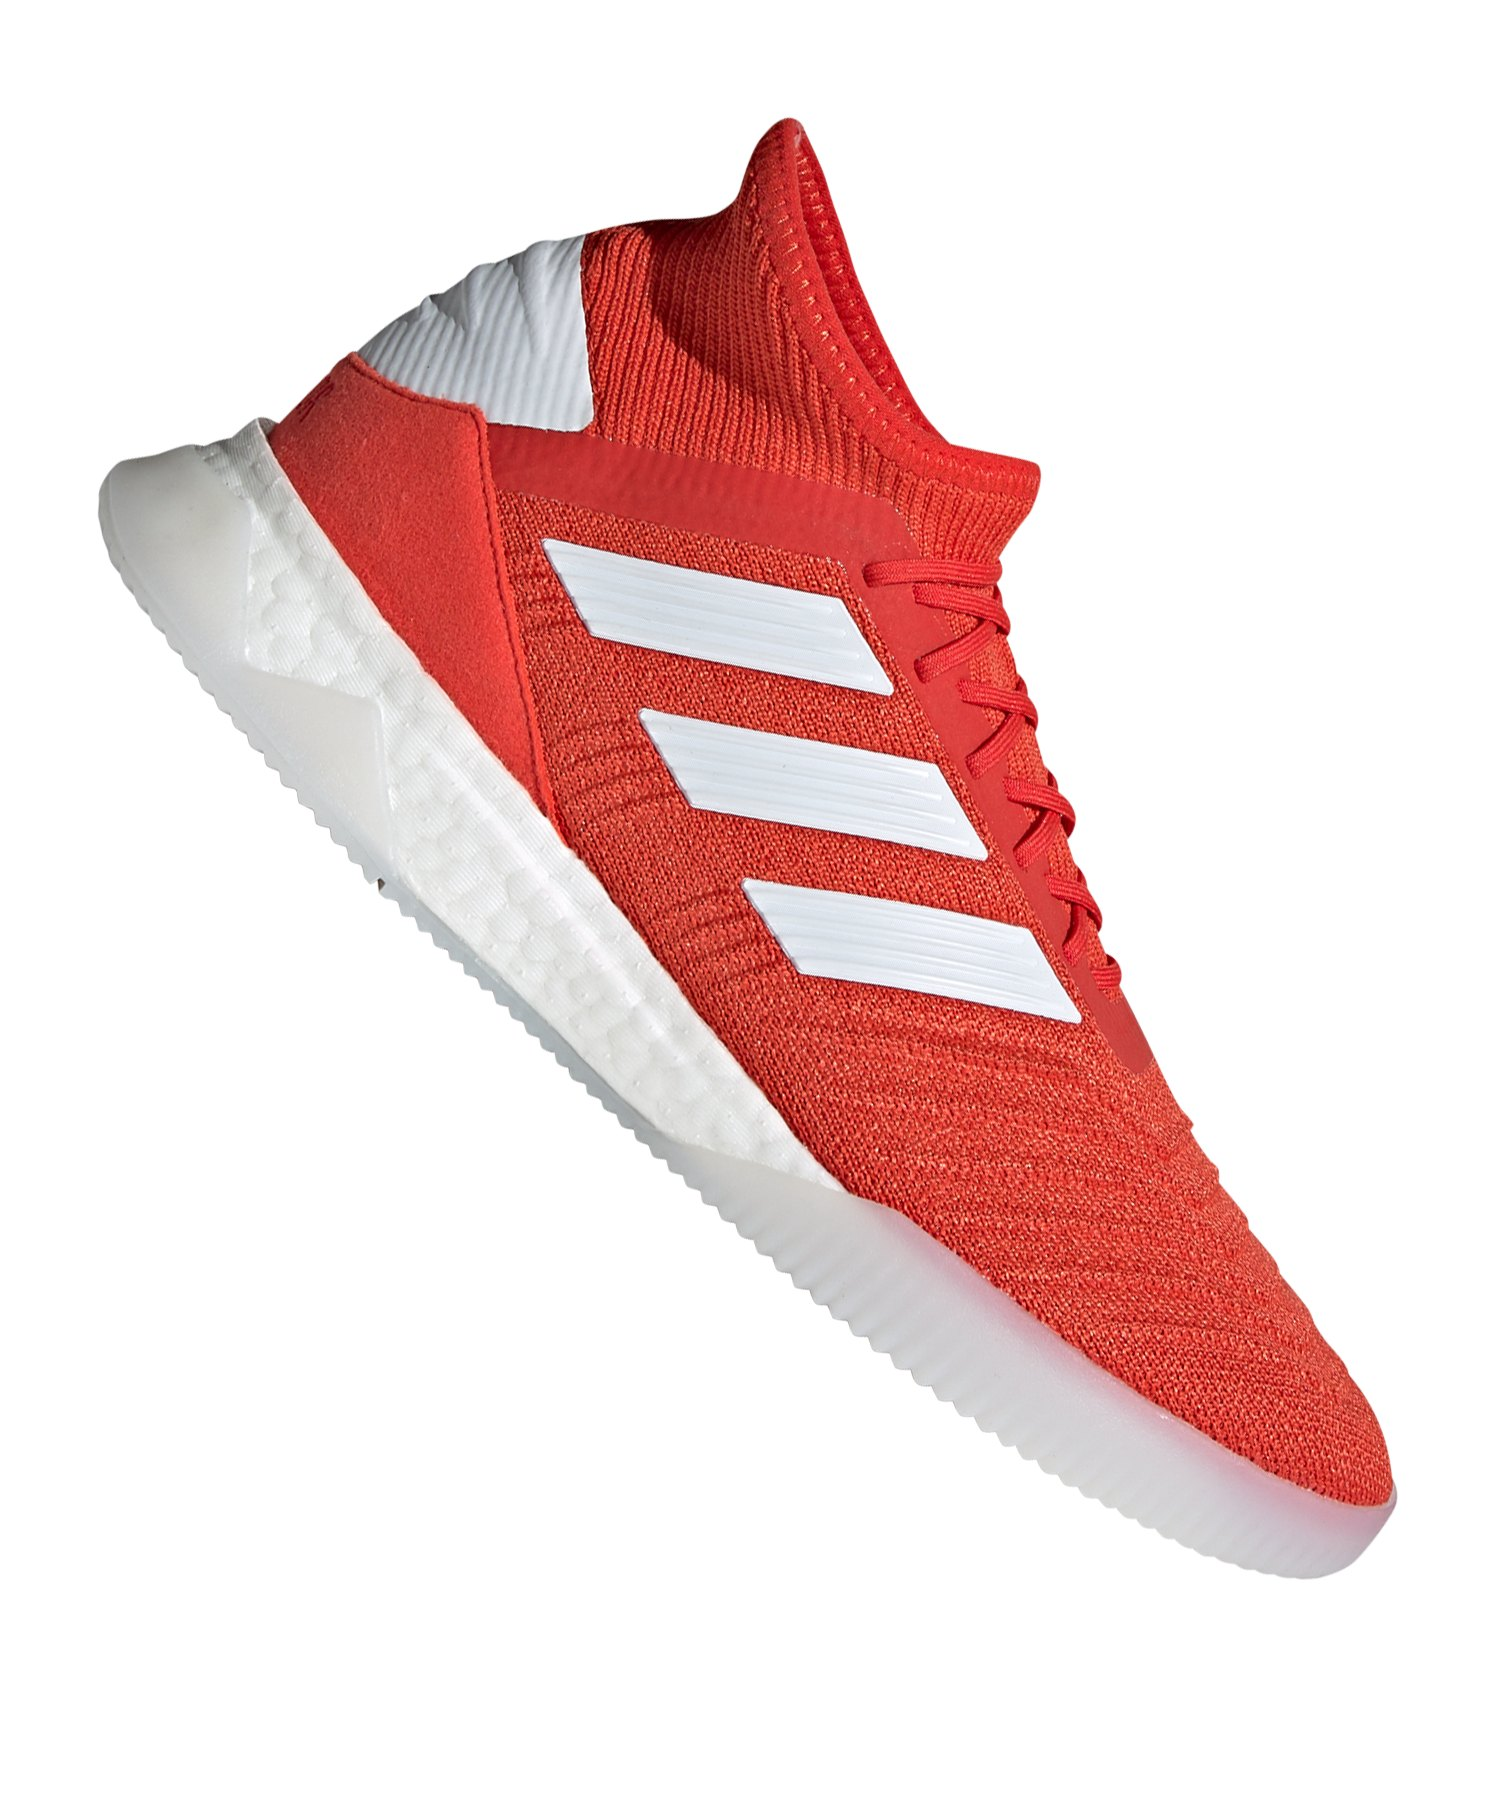 adidas Predator 19.1 TR Rot Silber Weiss - Rot